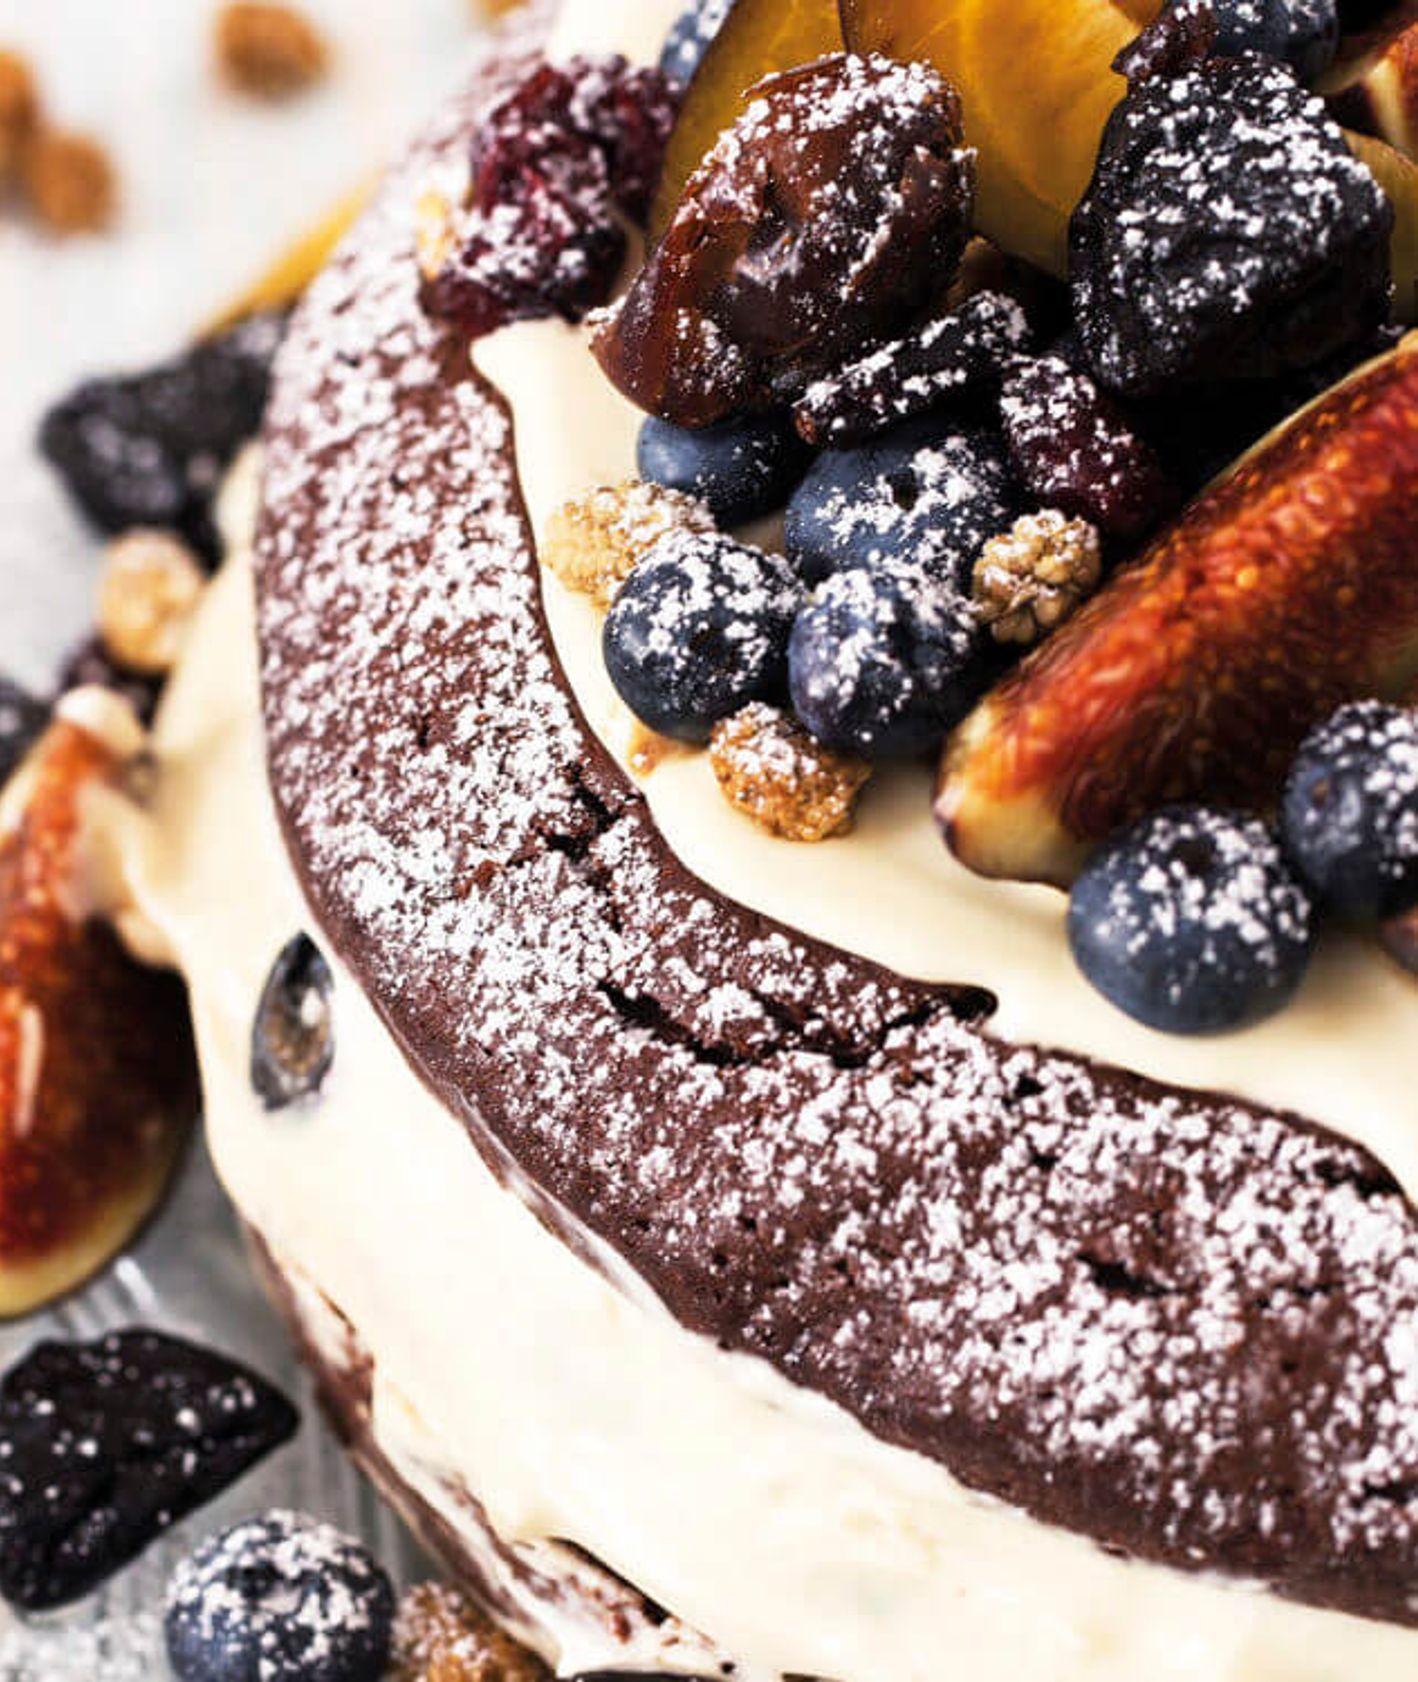 Puszyste ciastko czekoladowe z masą makową, ozdobione owocami